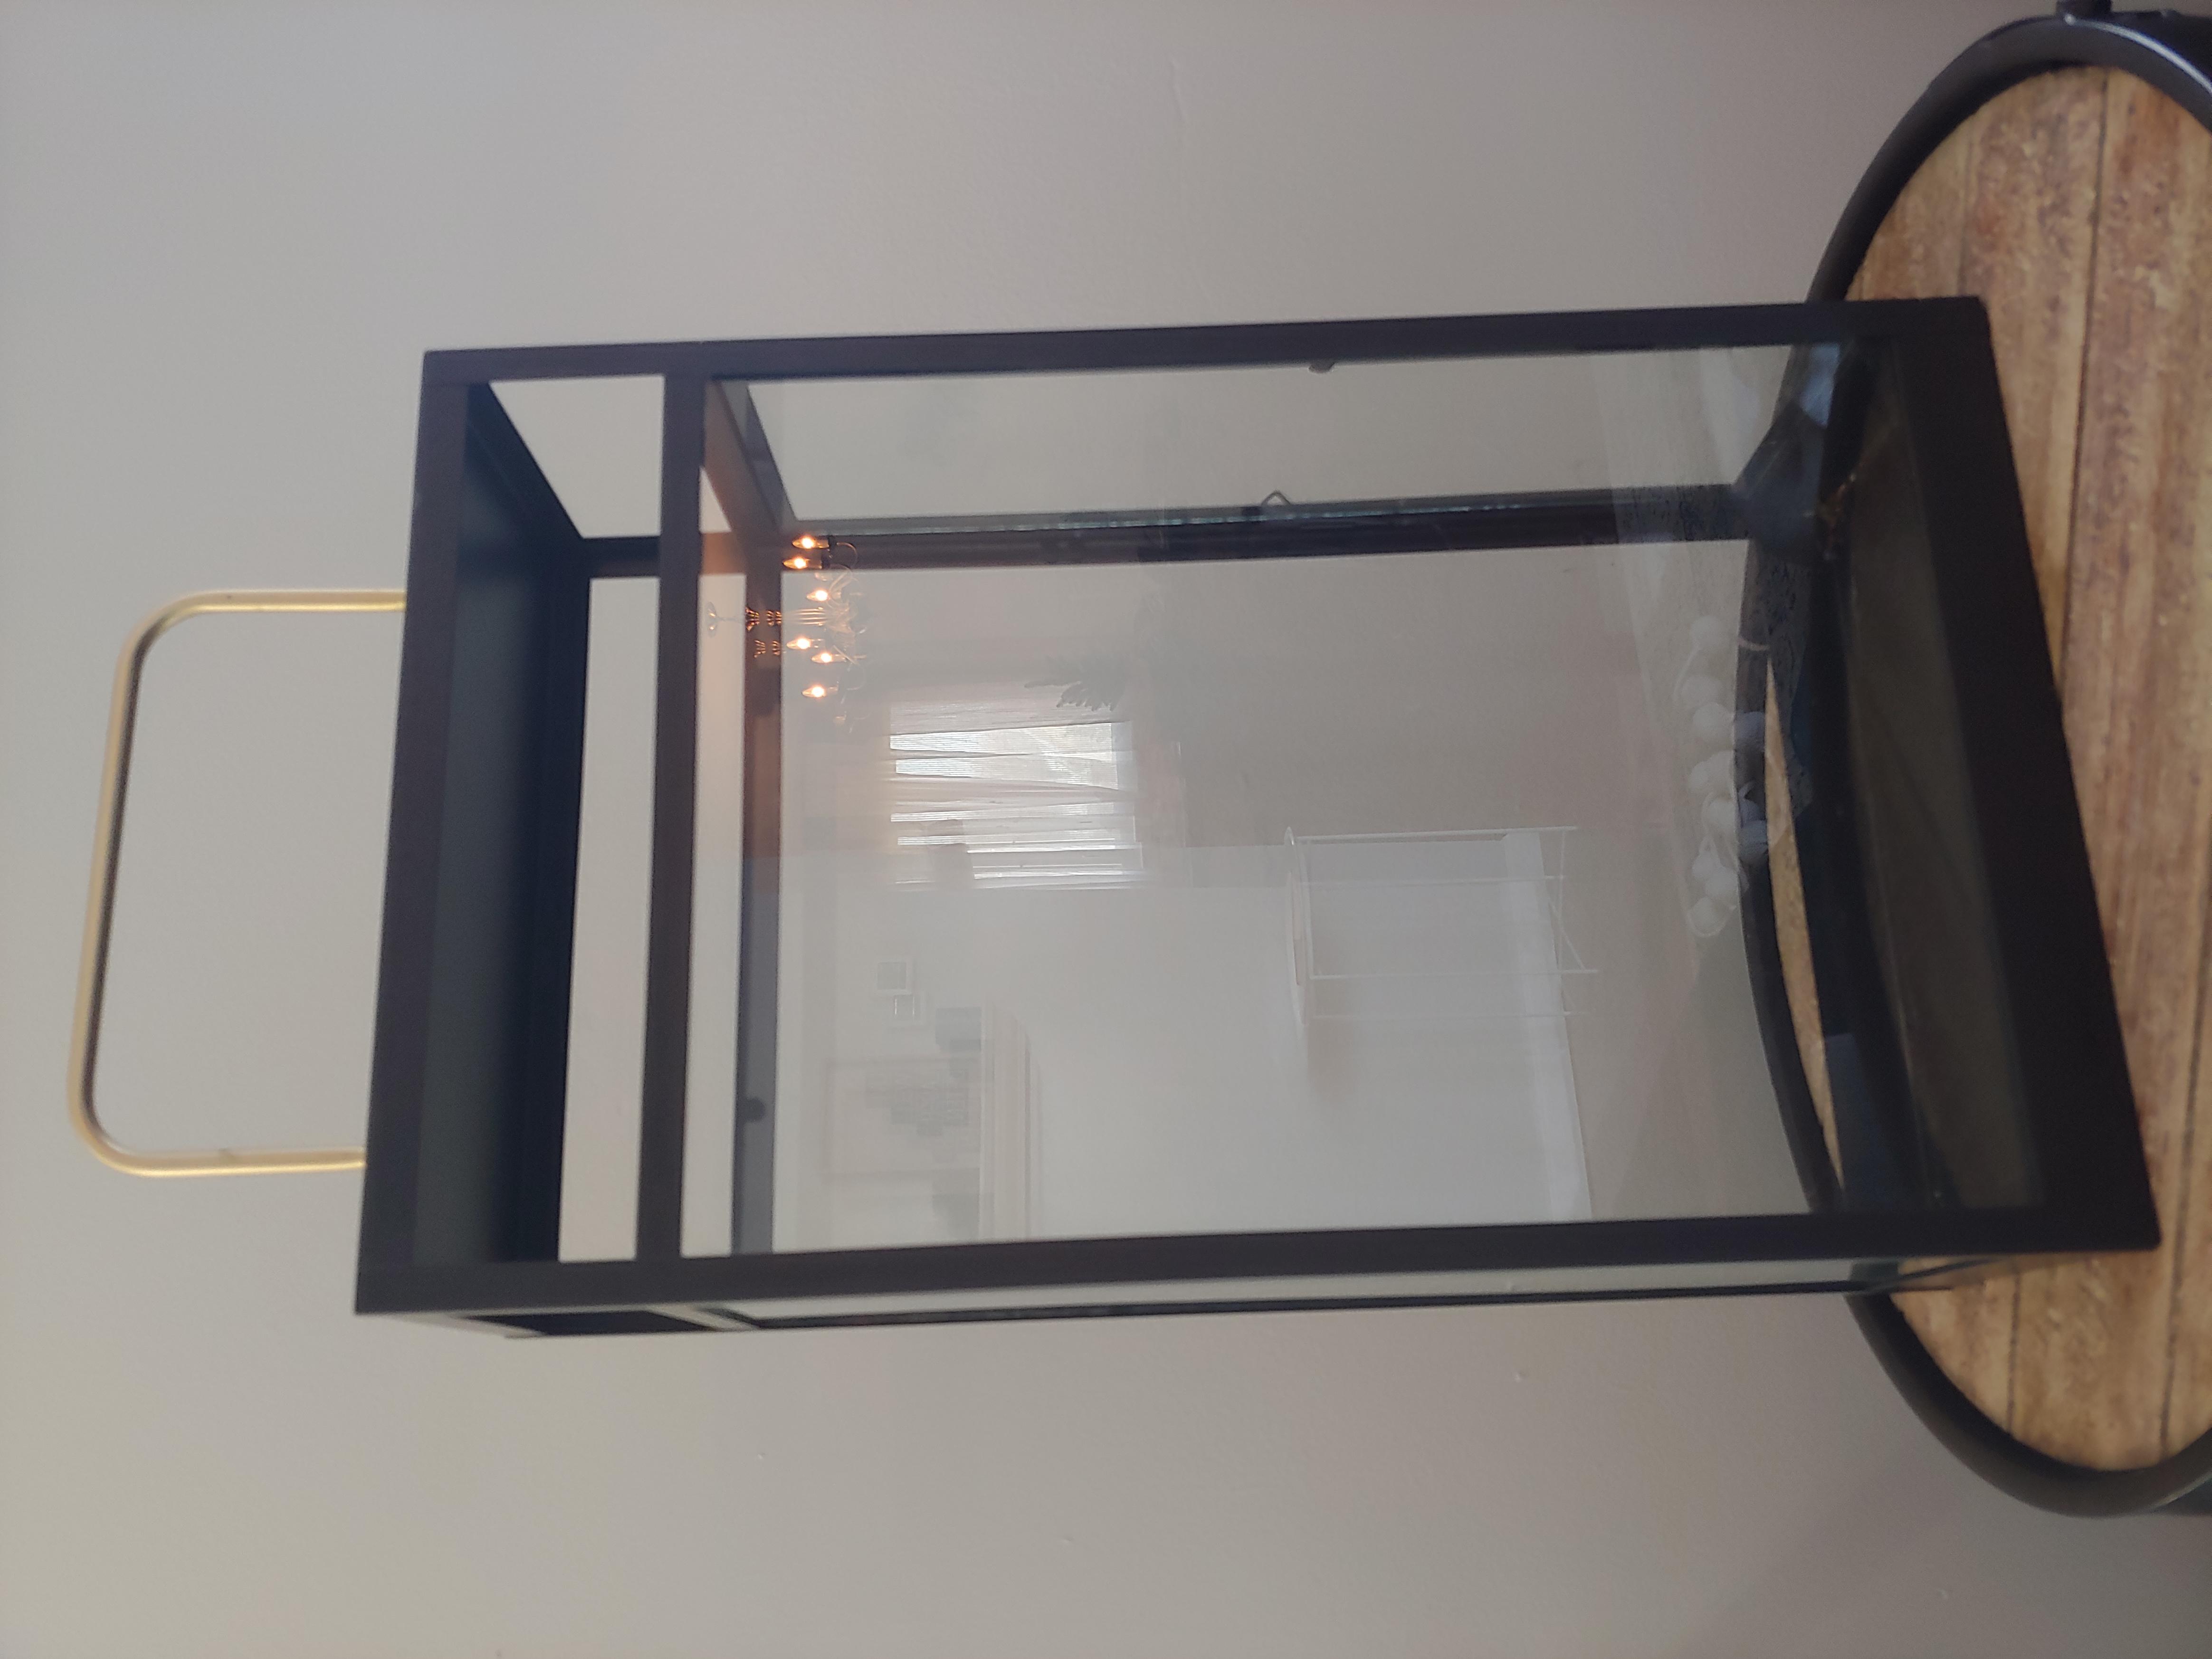 1 large lantern